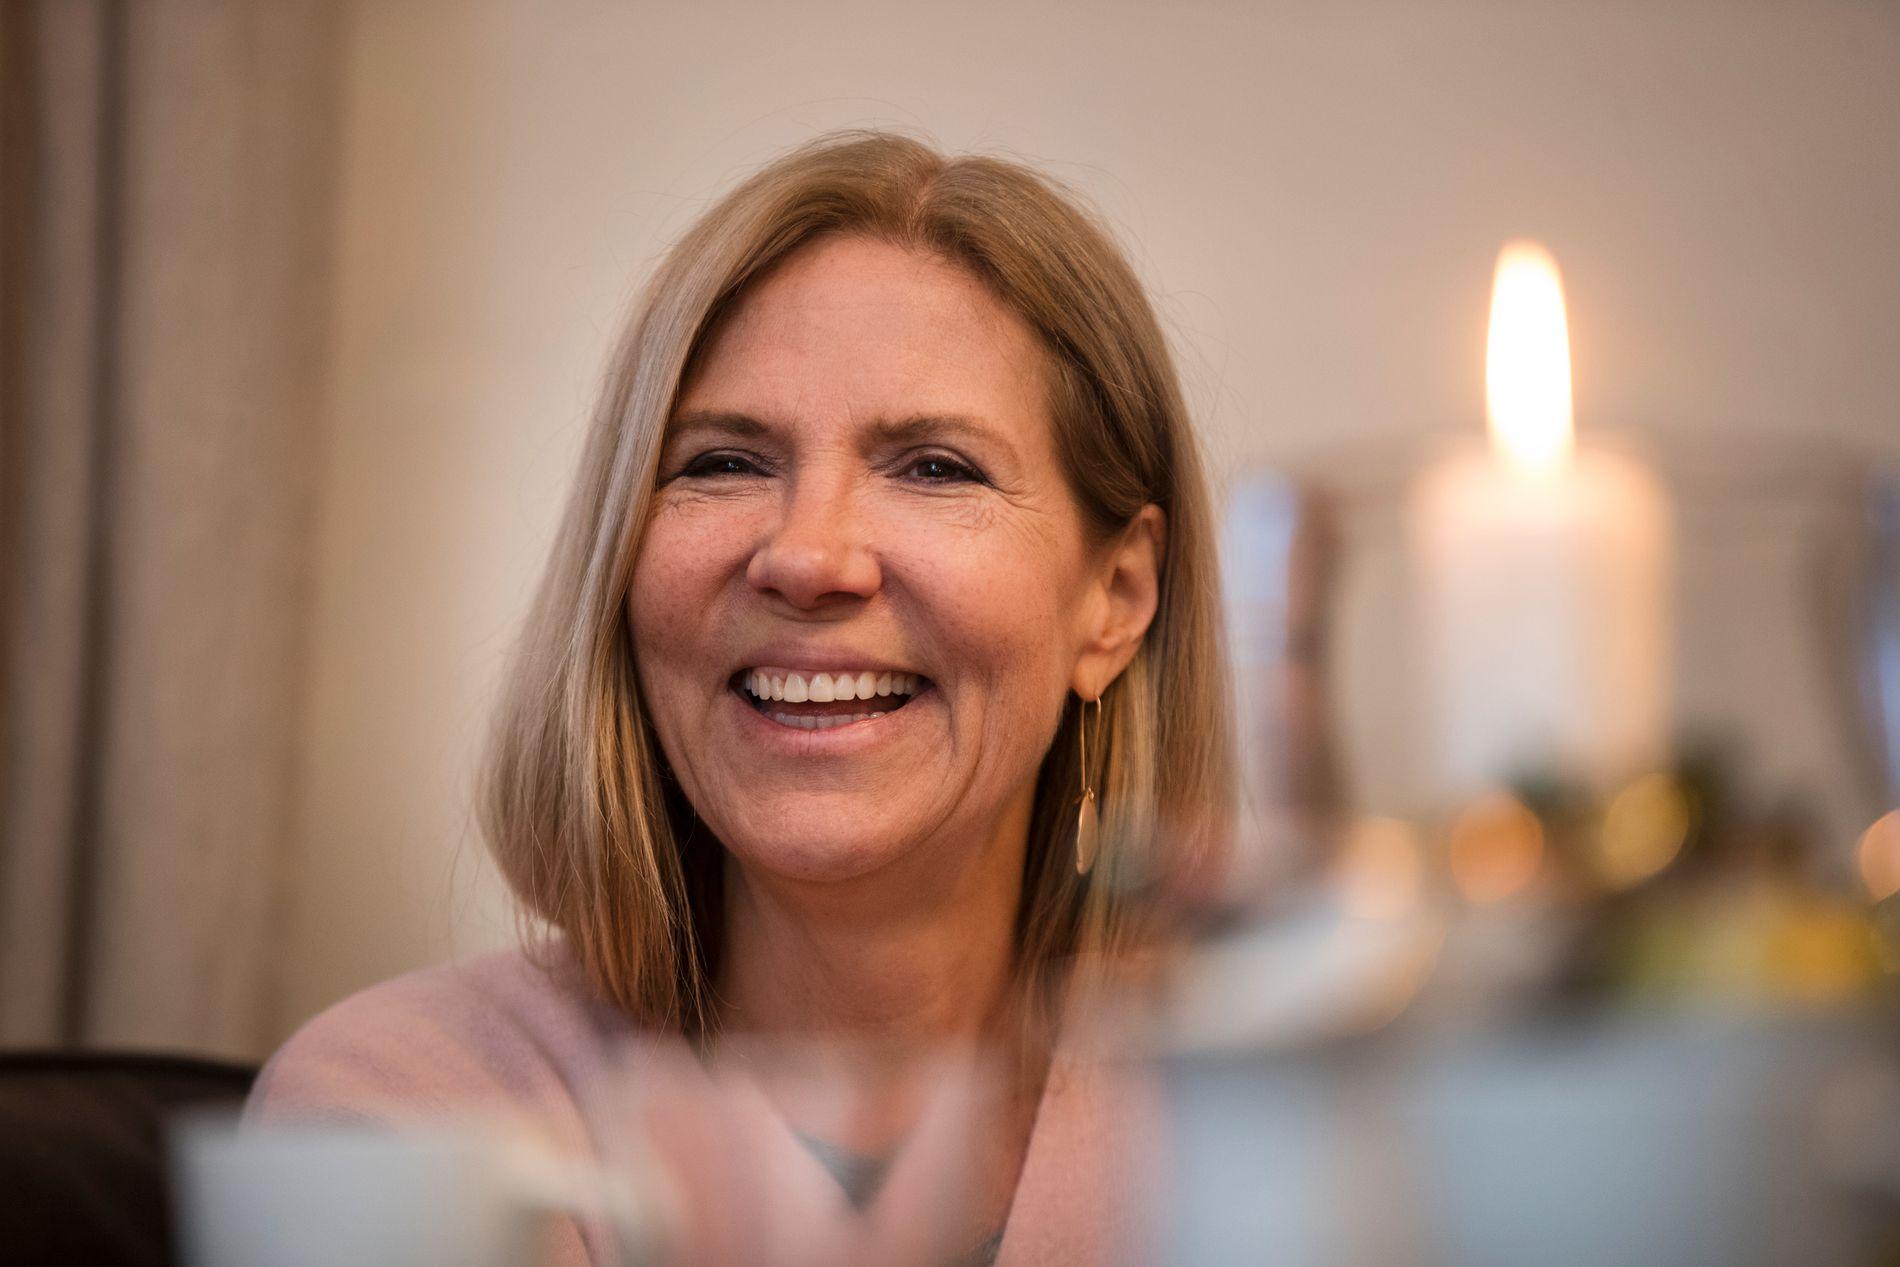 IKKE SÆRLIG SEXY: VG møter Liza Marklund i Stockholm - og hun beskriver sitt nye liv slik: - Det er ikke særlig sexy, ikke særlig spennende, men jeg elsker det.